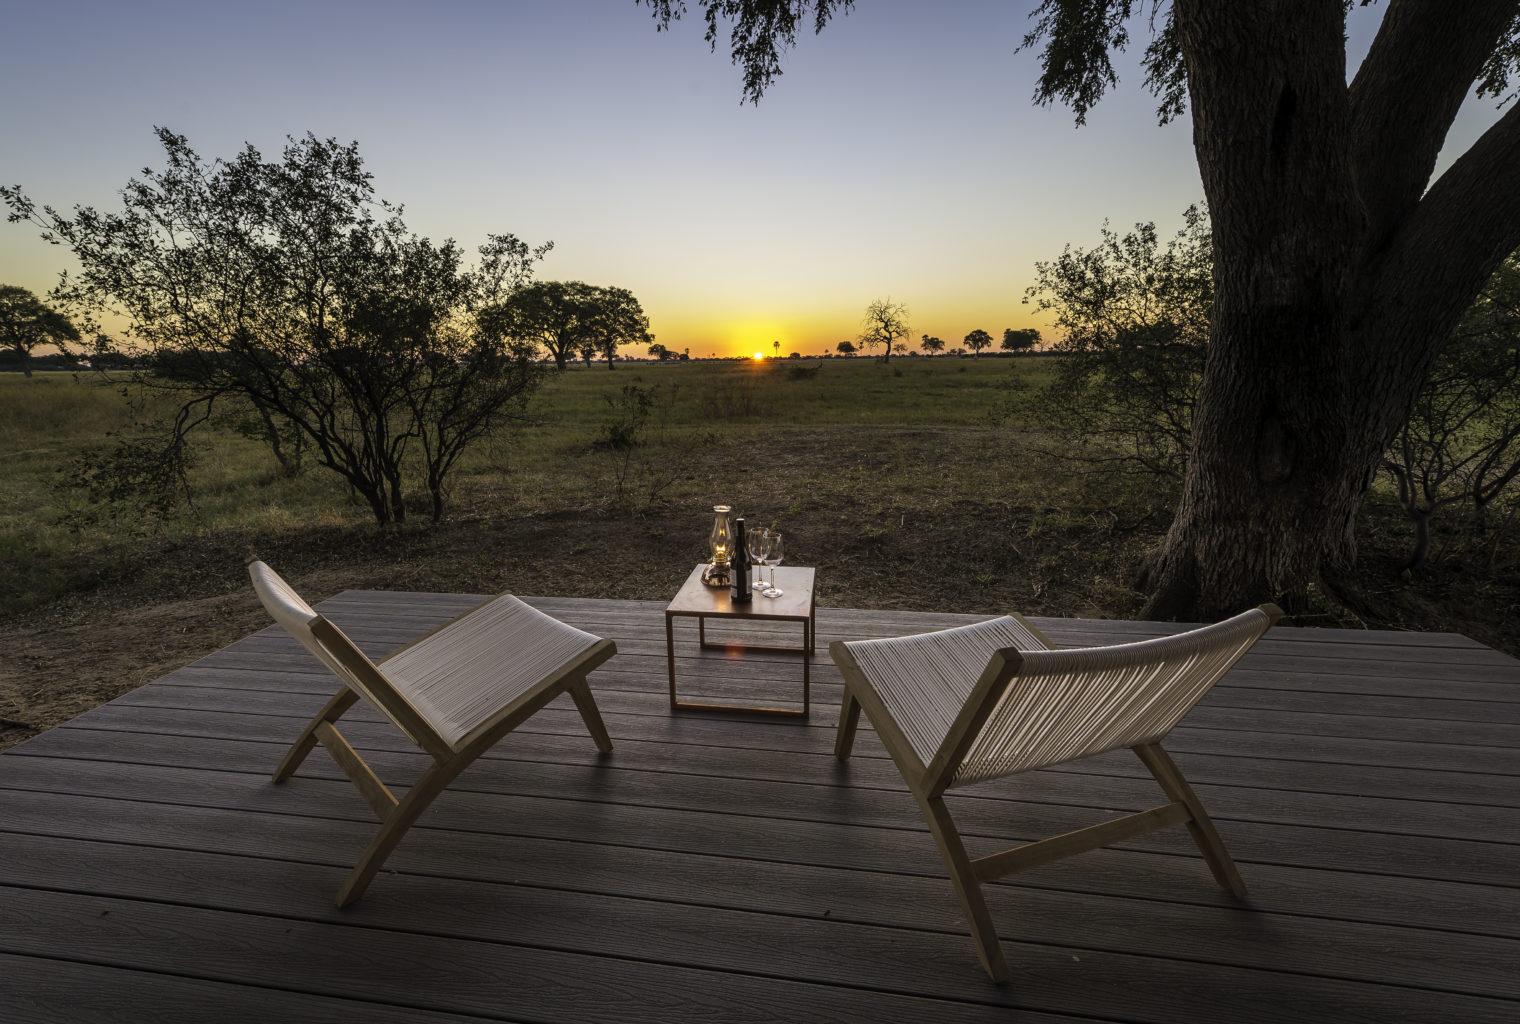 Linkwasha-Zimbabwe-Deck